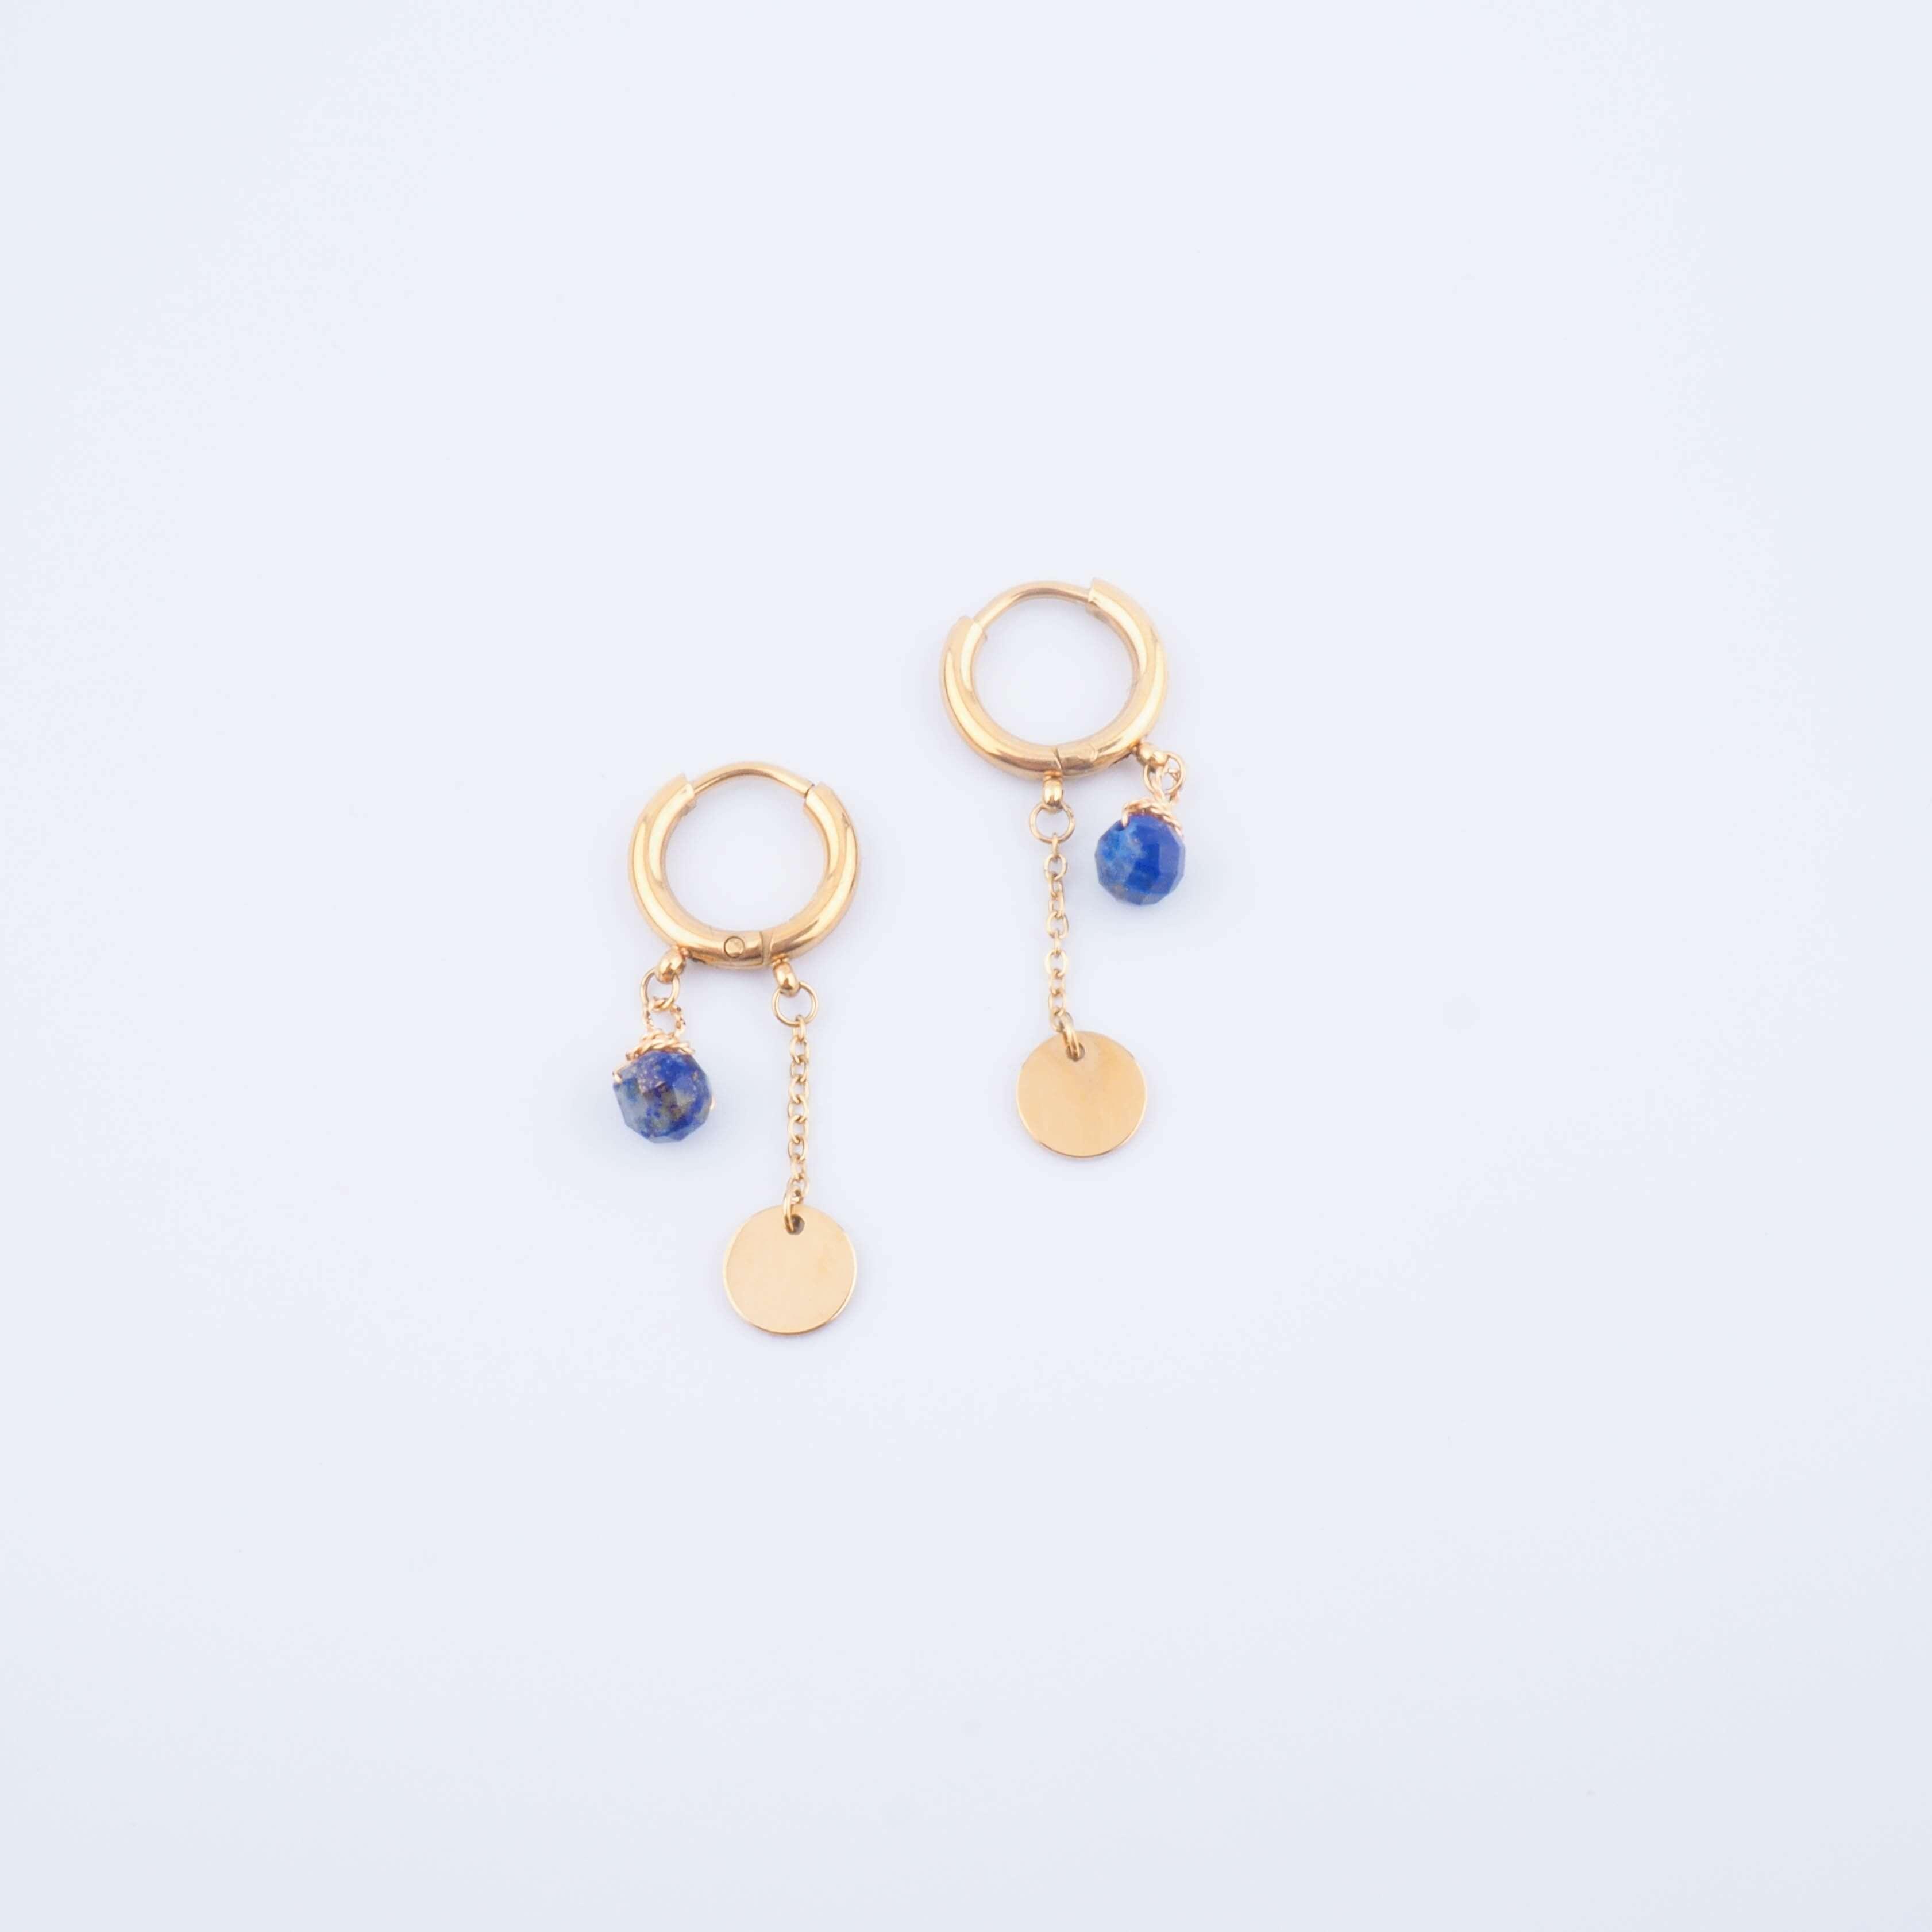 Boucles d'oreilles créoles Lany lapis lazuli - Zag Bijoux